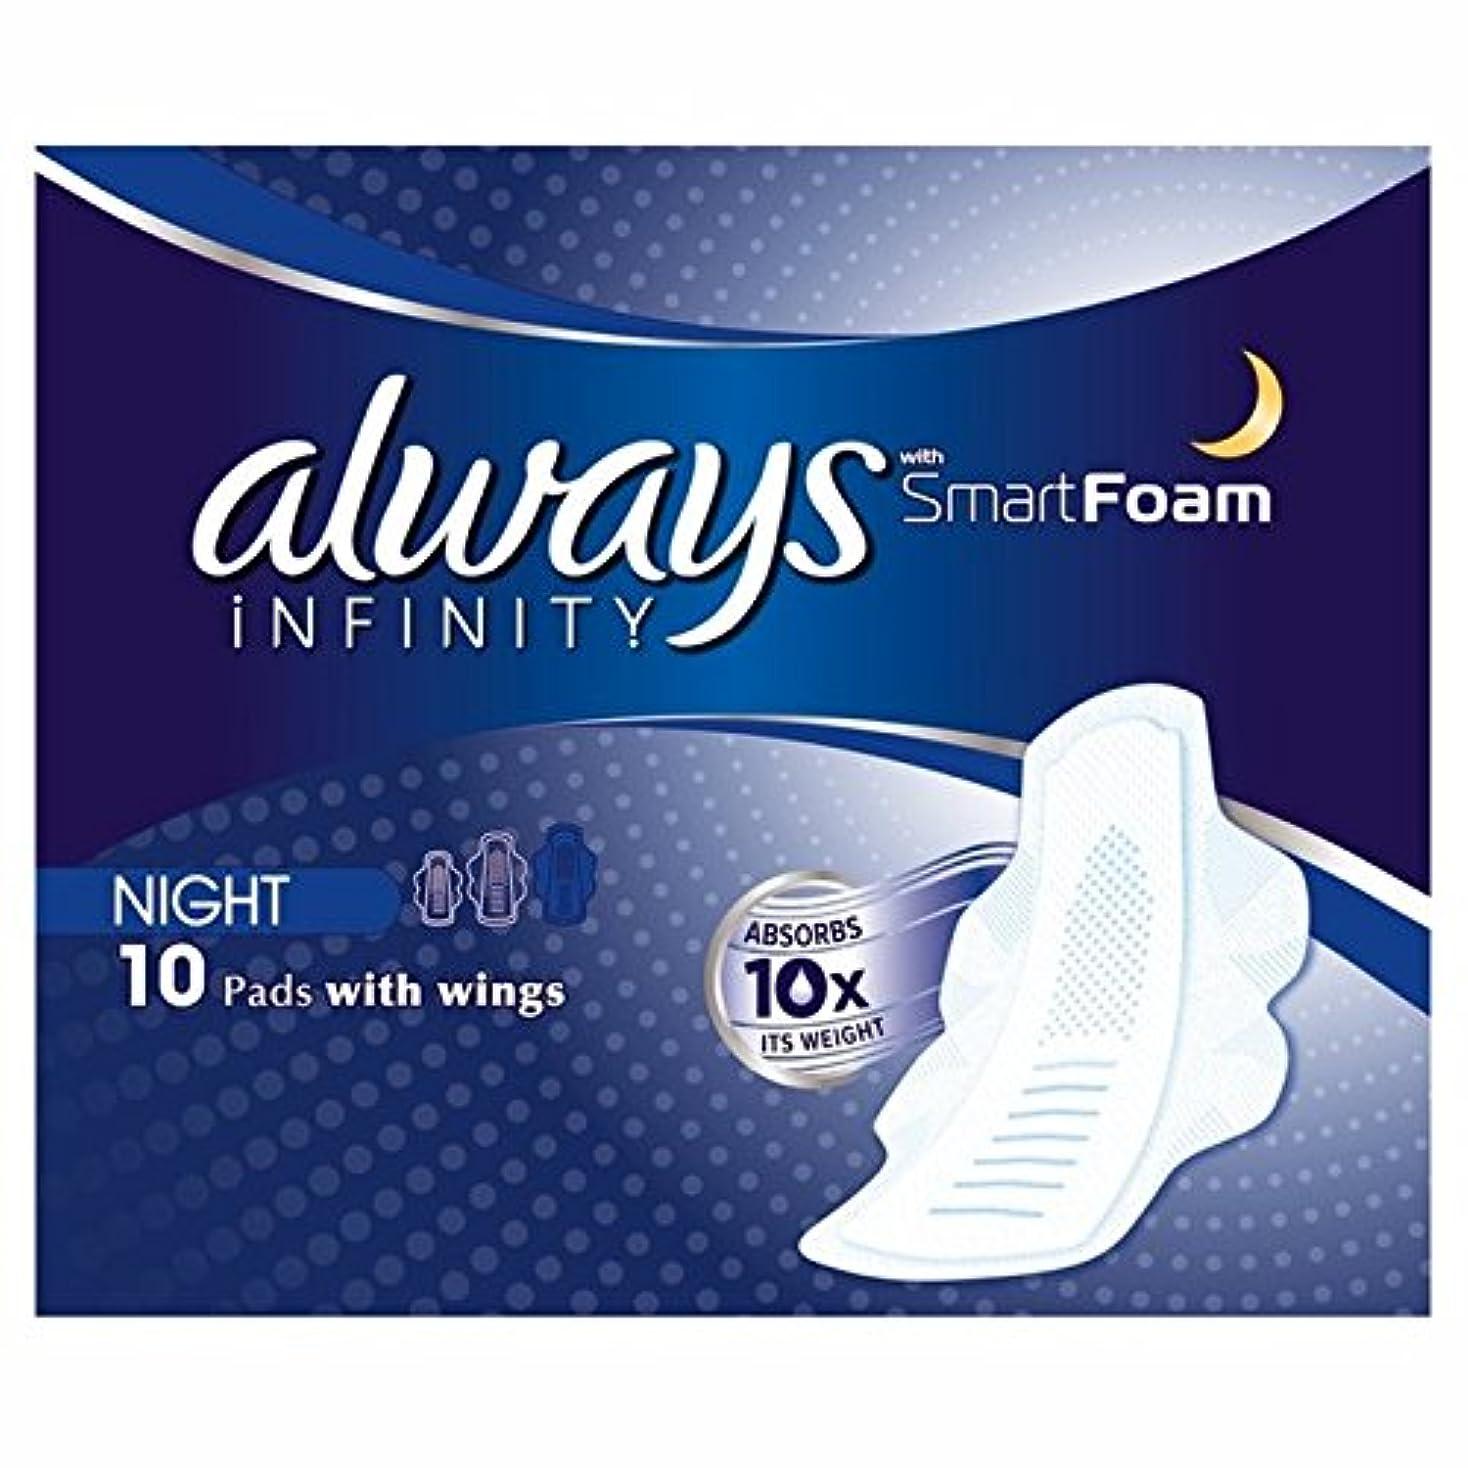 付録出撃者ドキドキパックあたりの翼10と常に無限の夜生理用ナプキン x4 - Always Infinity Night Sanitary Towels with Wings 10 per pack (Pack of 4) [並行輸入品]